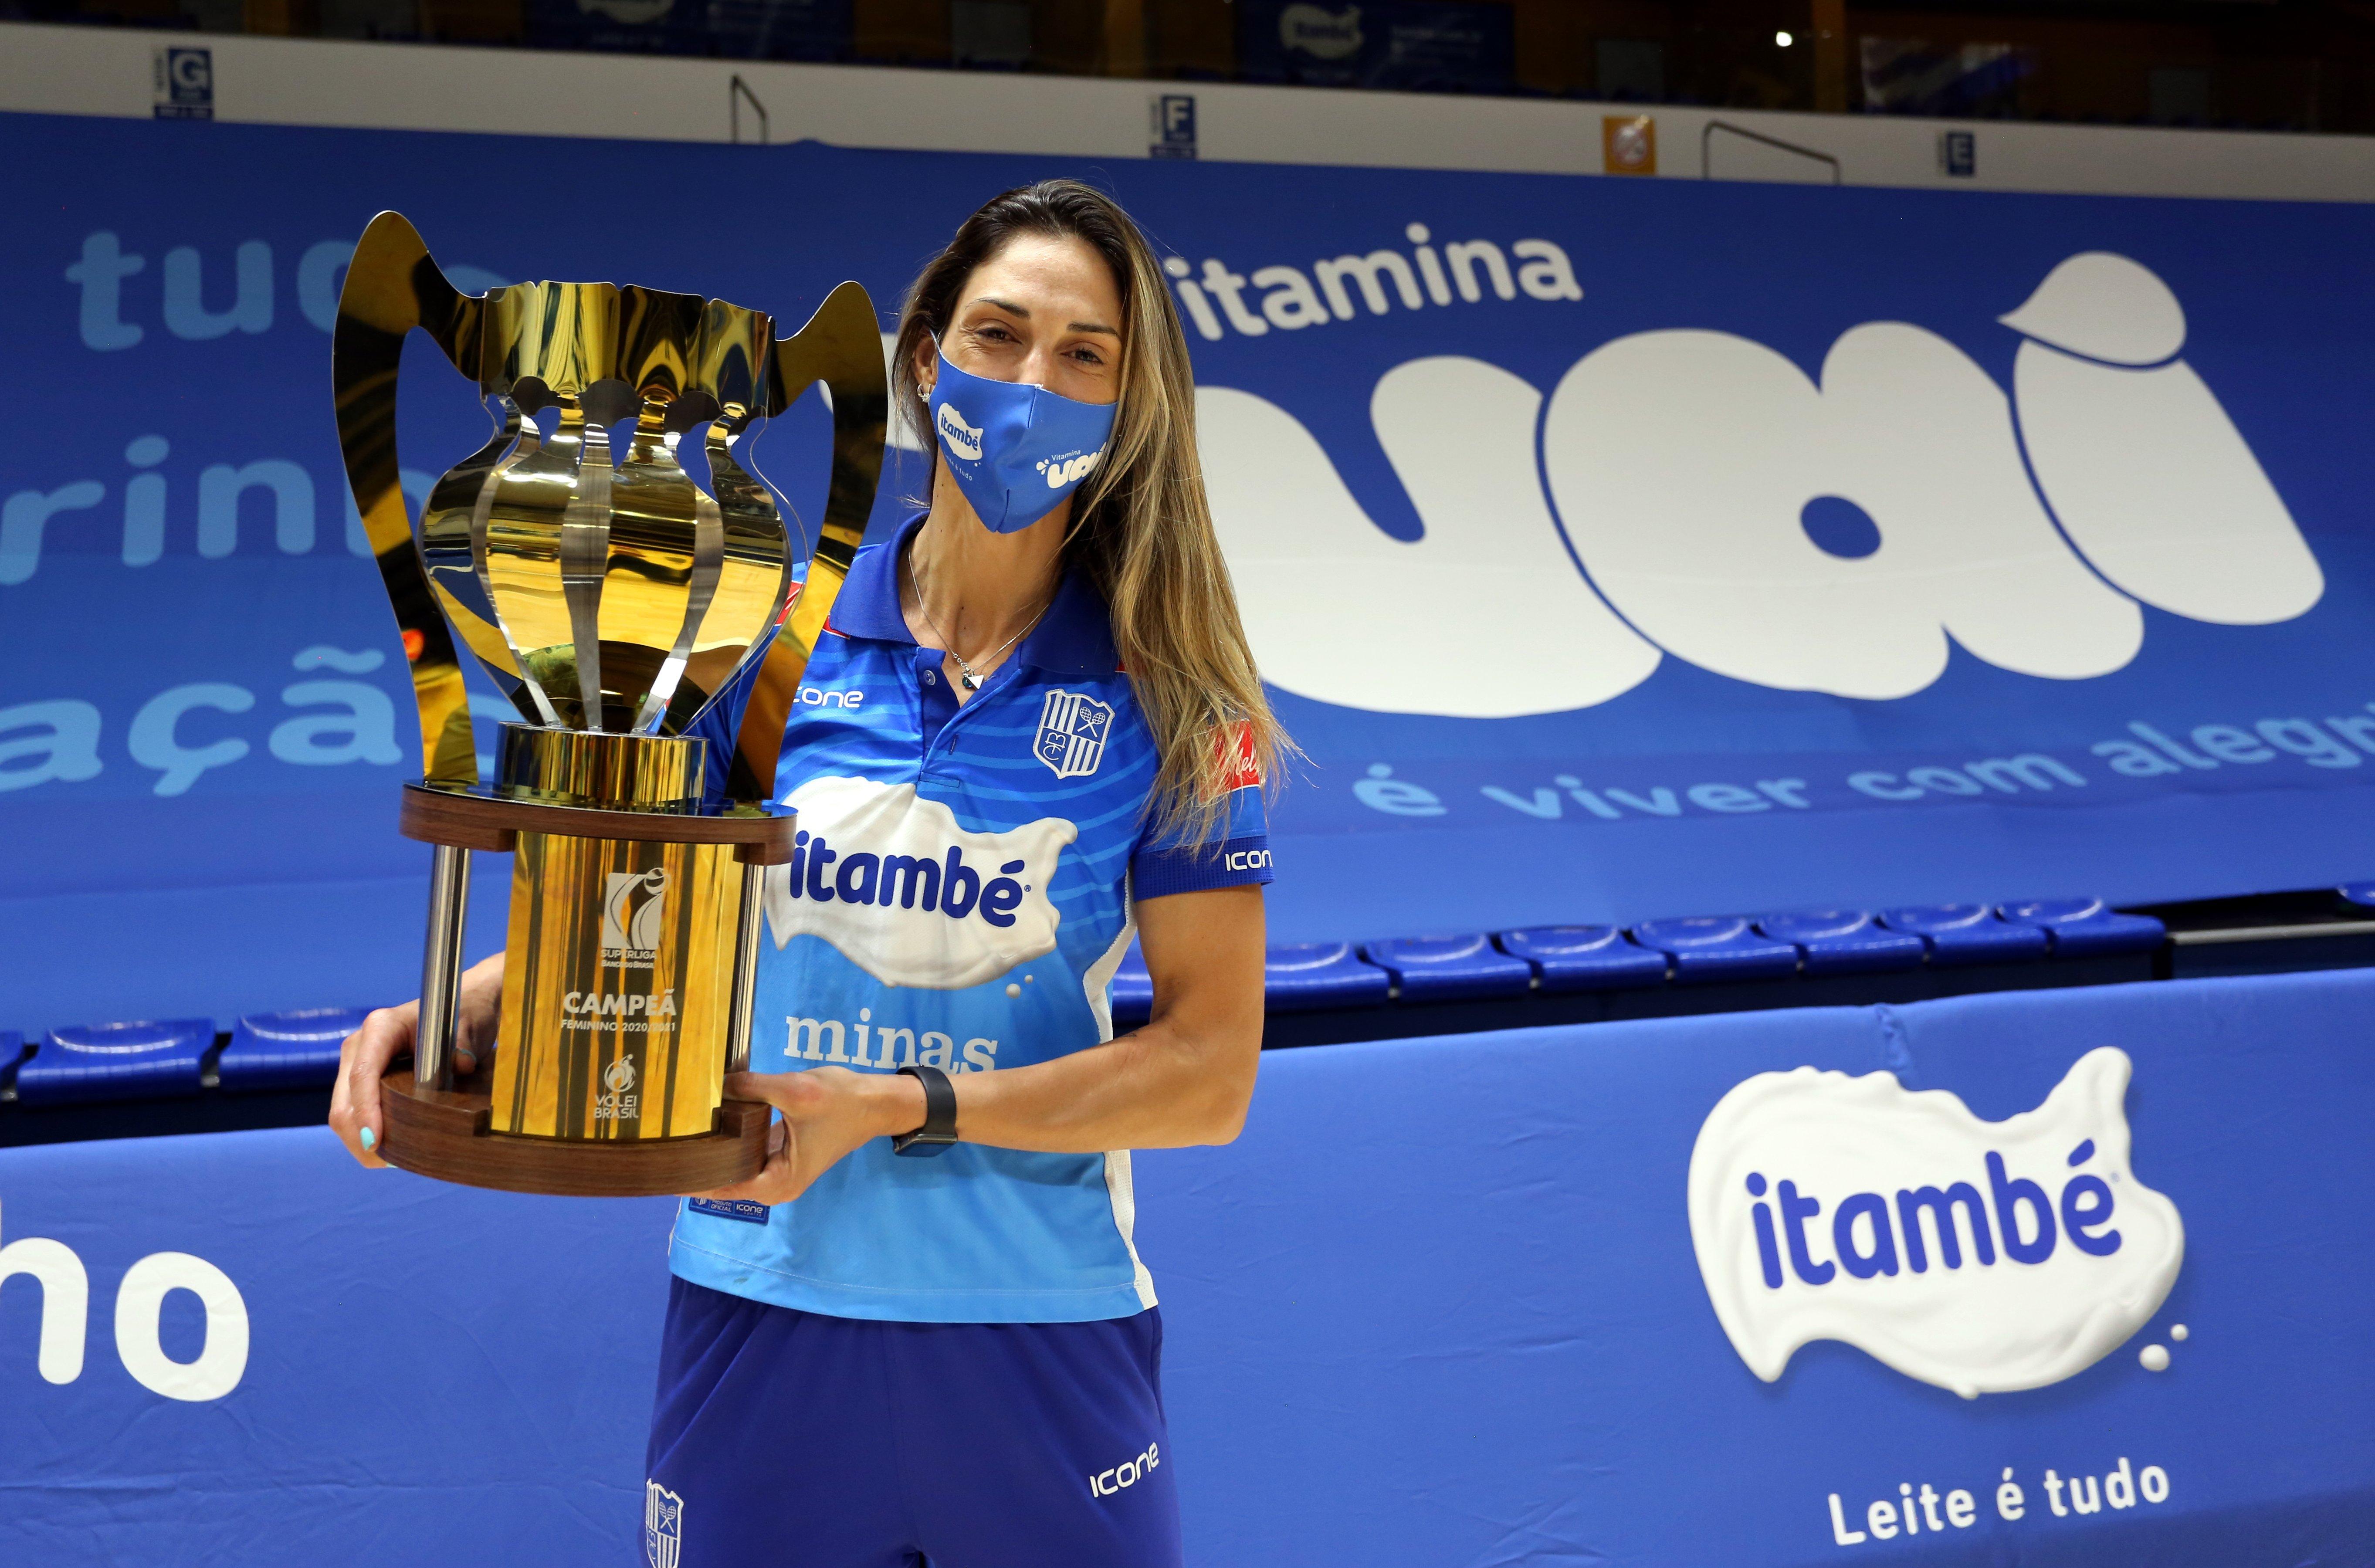 Carol conquistou o segundo título com a camisa da Superliga Feminina (Foto: Orlando Bento/MTC)